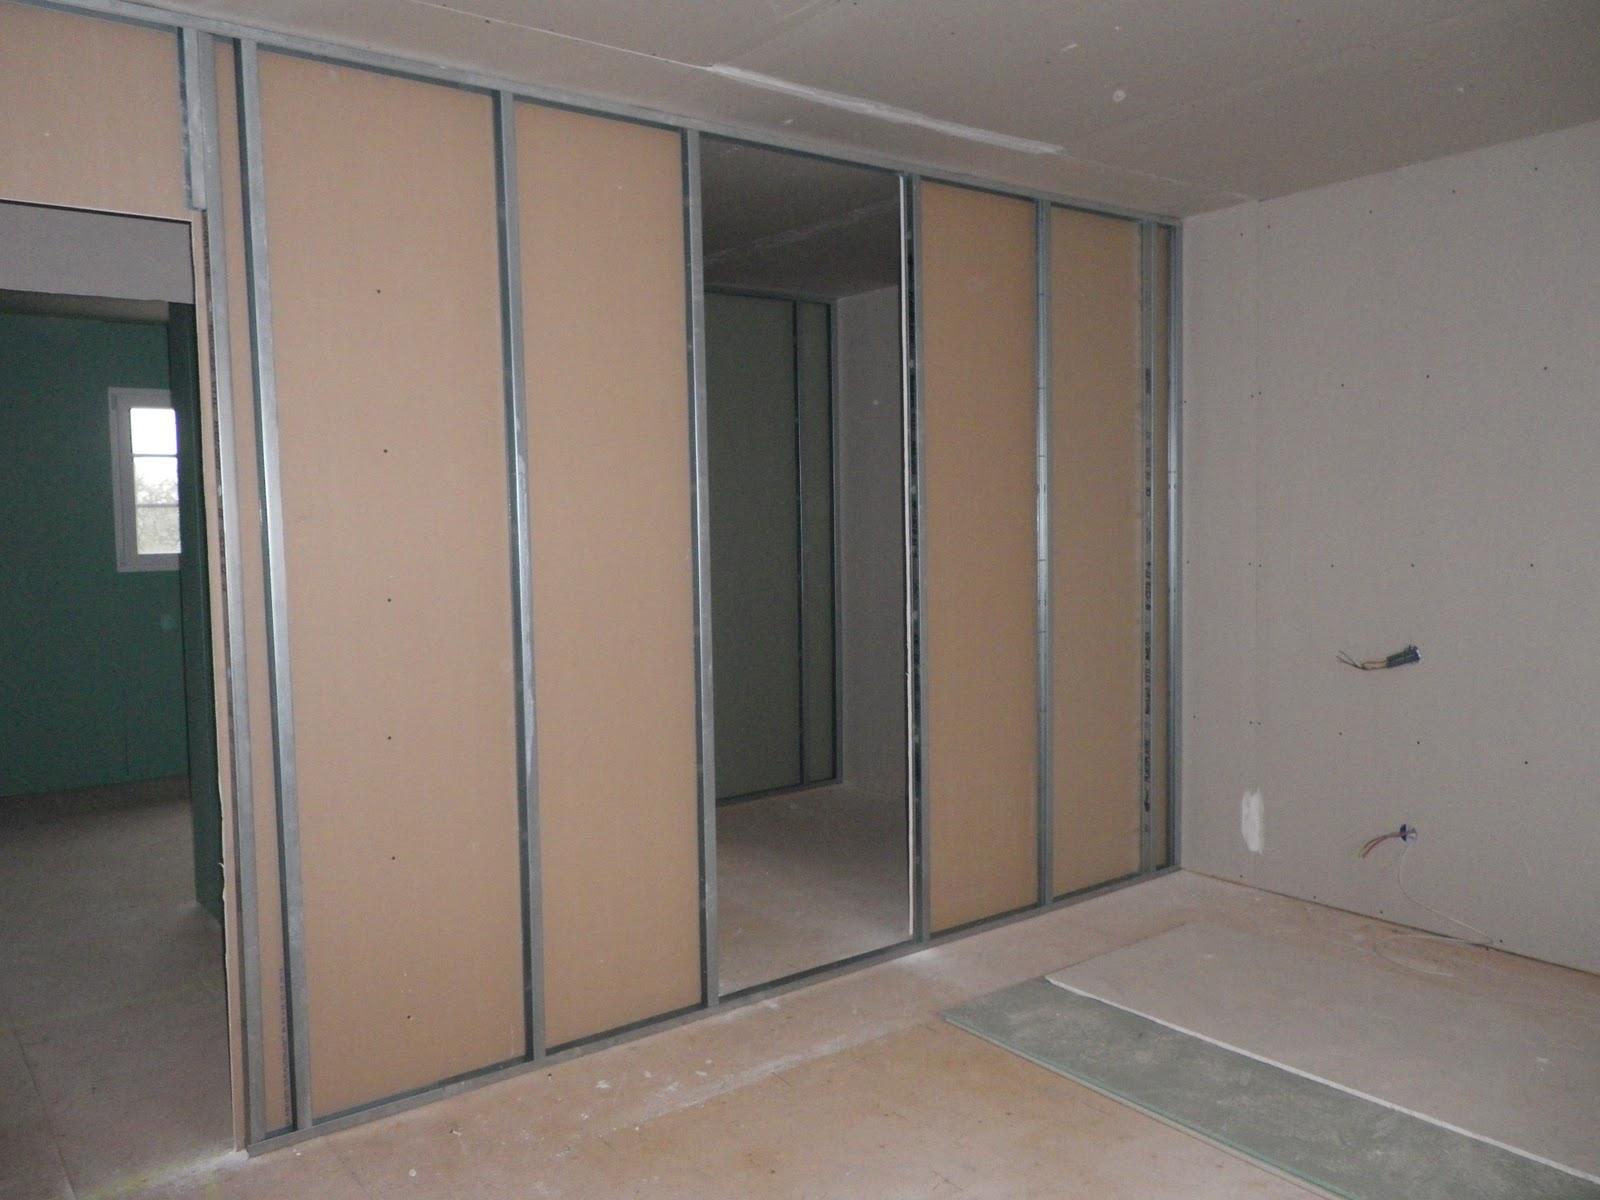 construction de notre maison pose des cloisons. Black Bedroom Furniture Sets. Home Design Ideas